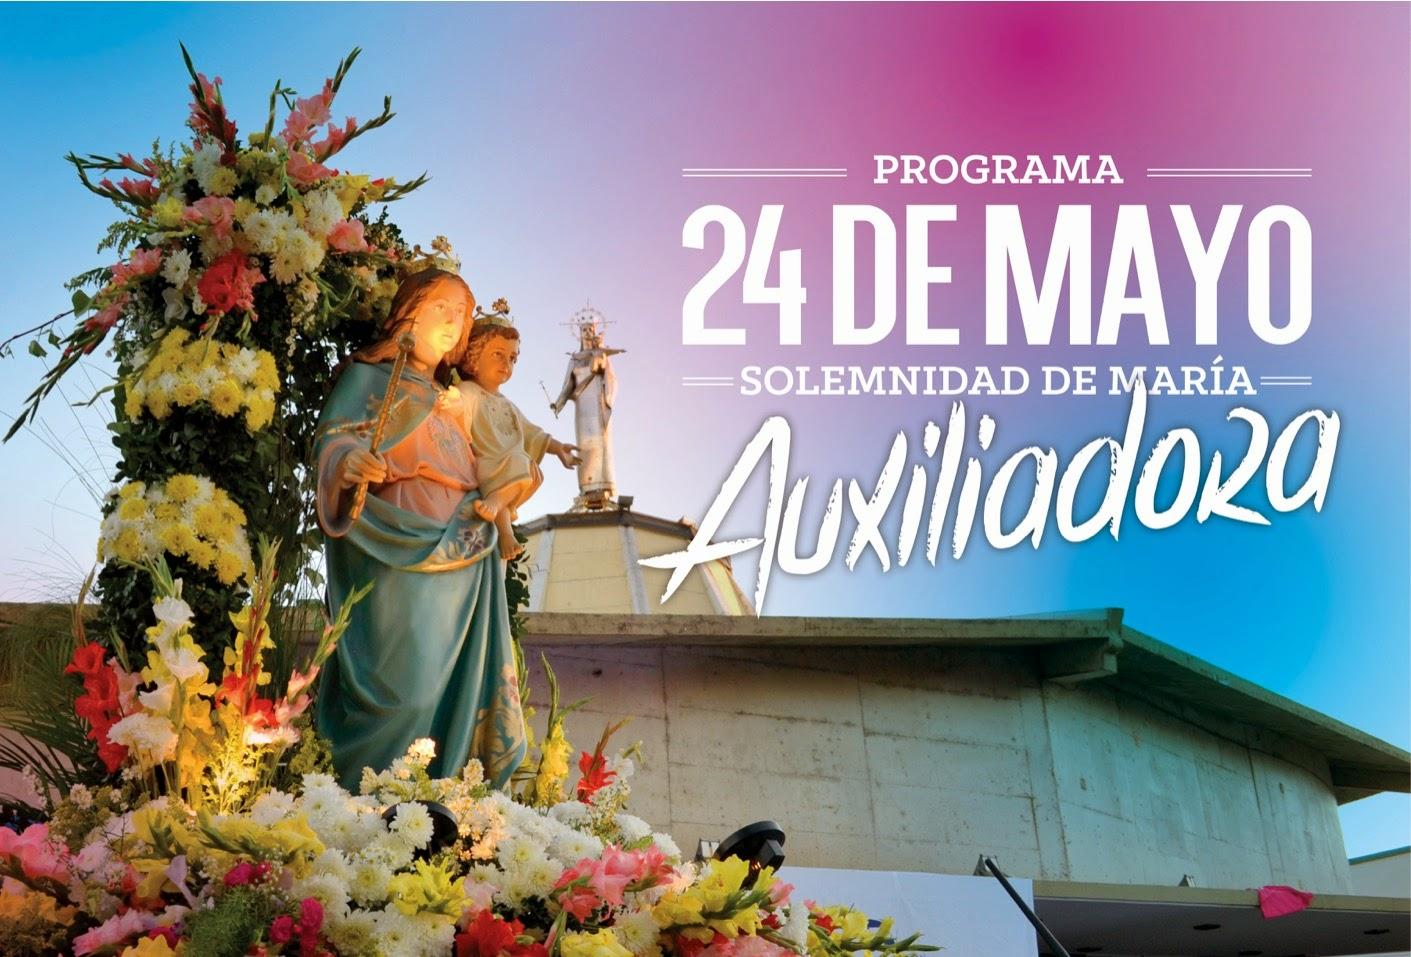 Programas Del Día De María Auxiliadora